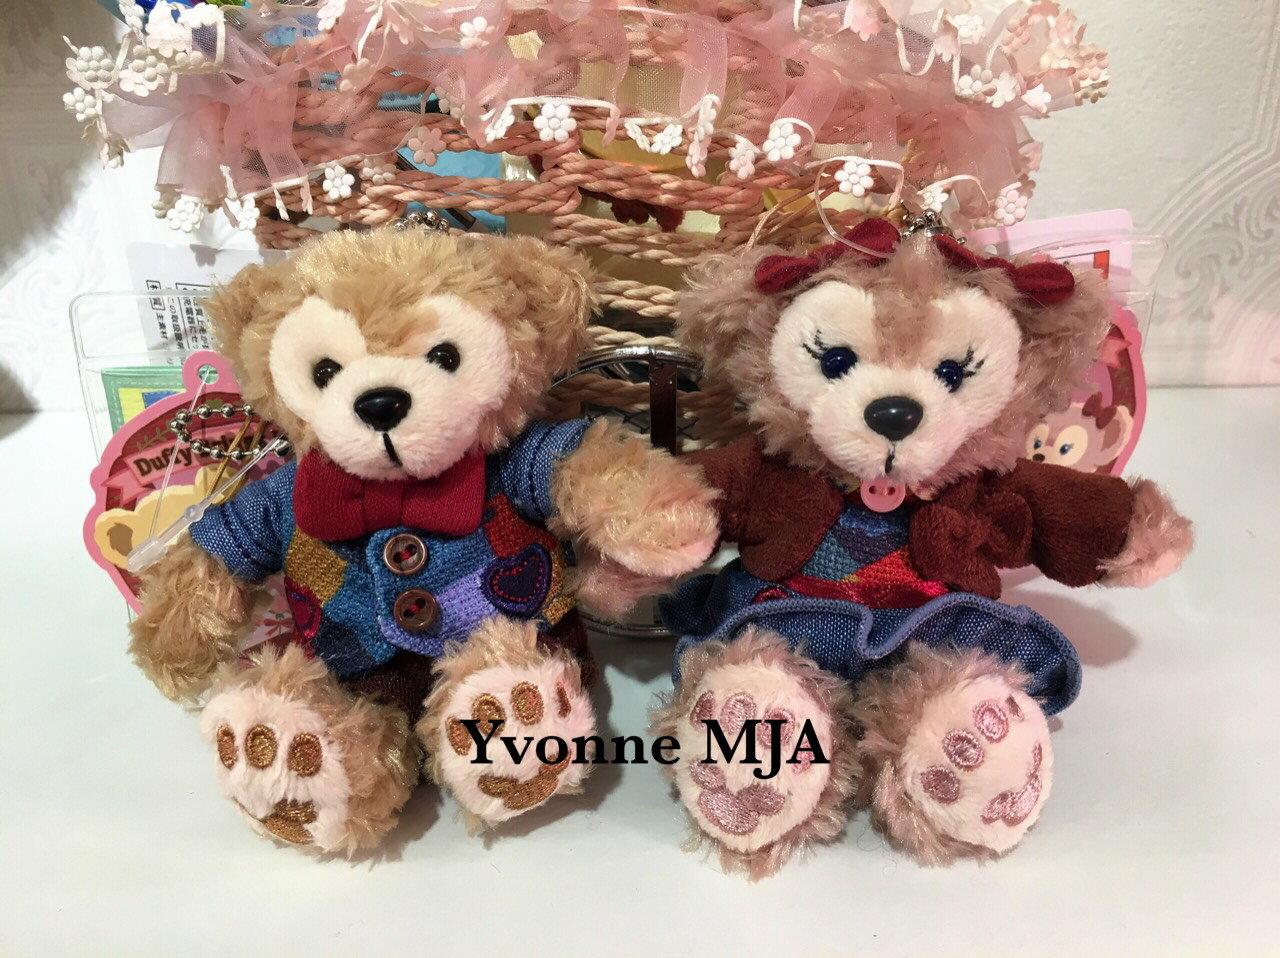 *Yvonne MJA日本代購*東京迪士尼海洋樂園限定正品Duffy達菲熊雪莉玫2016情人節坐姿吊飾